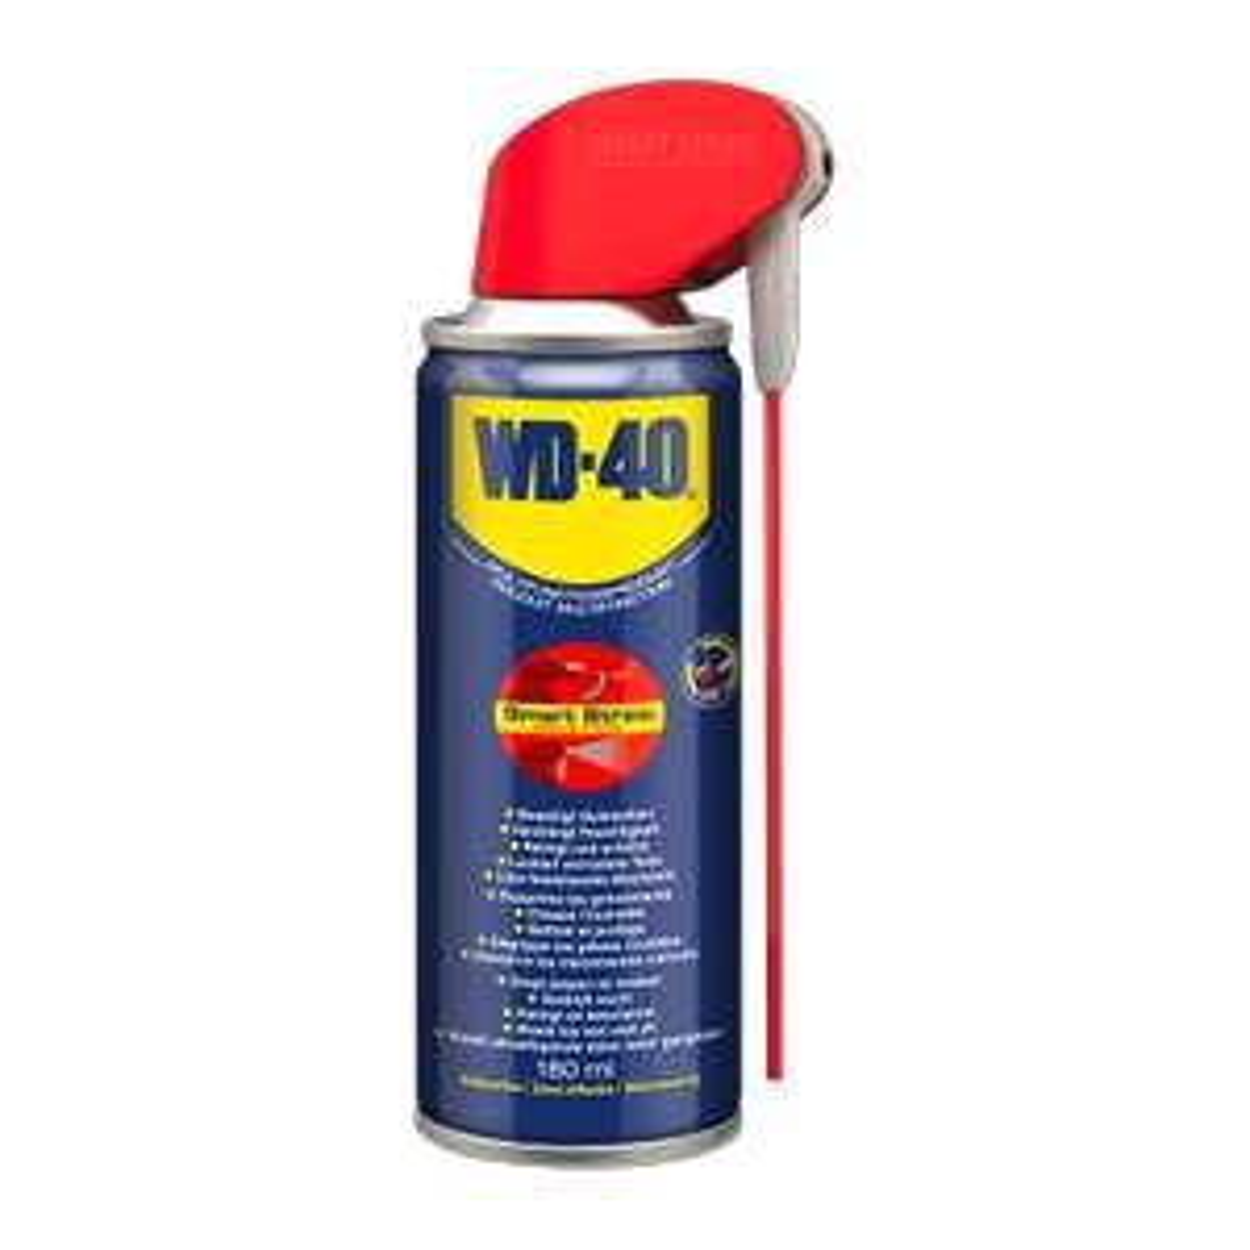 [Aldi Nord] Multifunktionsöl WD 40 Smart Straw je 180ml-Dose für nur 2,41€